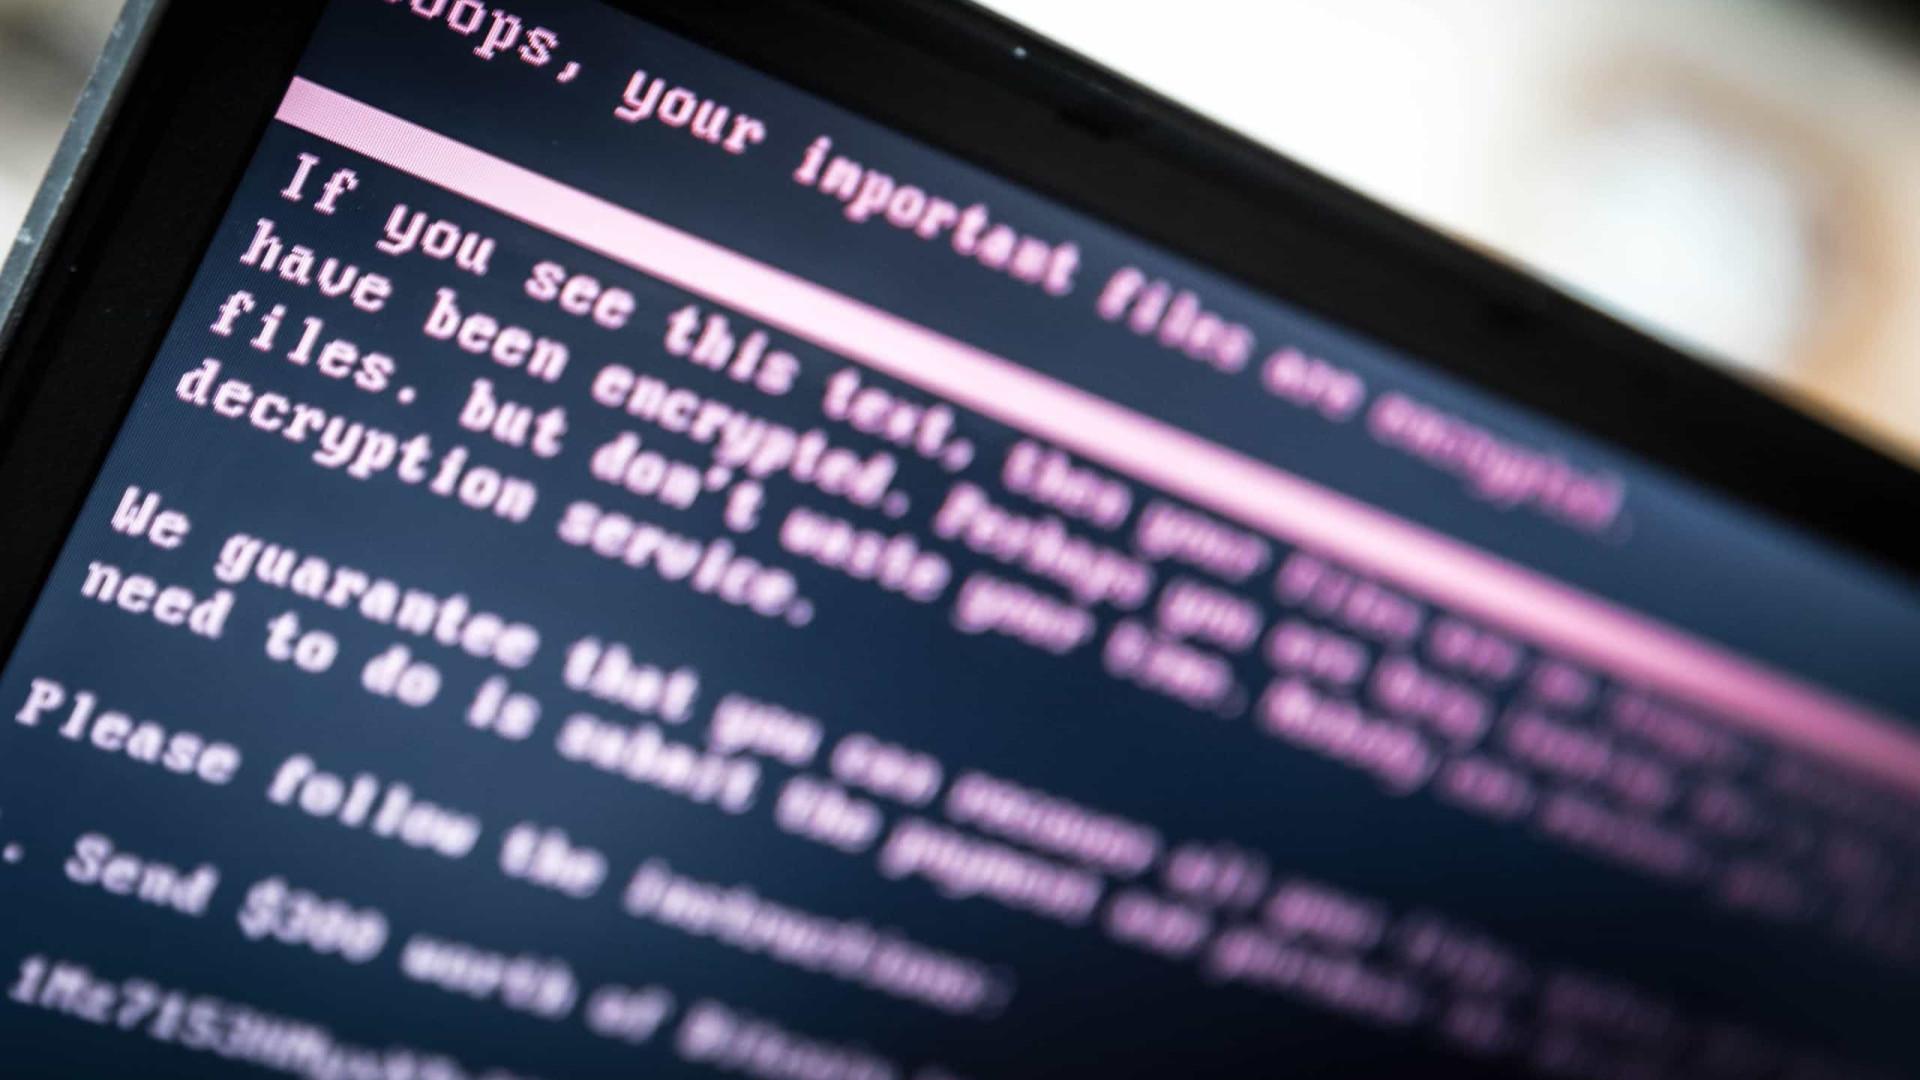 Ataque cibernético global pode custar  até 121 bilhões de dólares